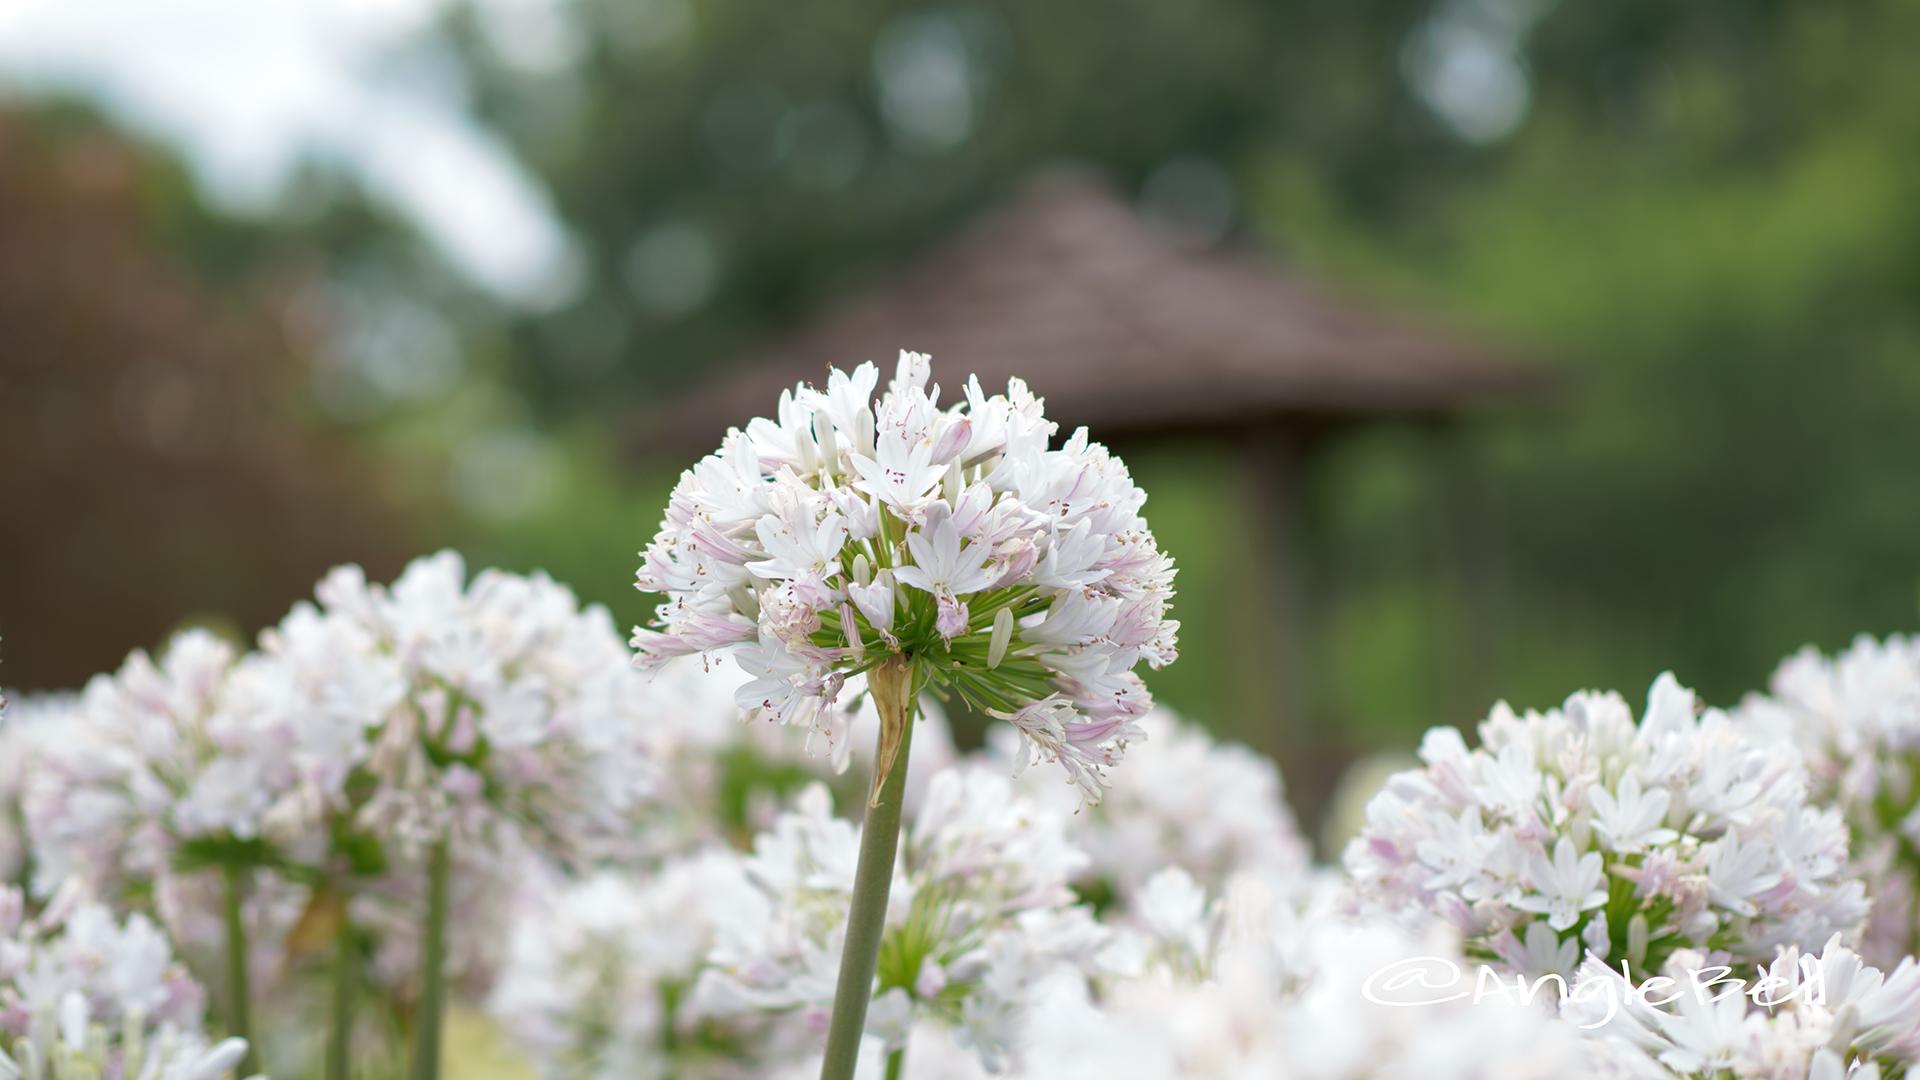 アガパンサス-ガーデンクィーン Flower Photo1